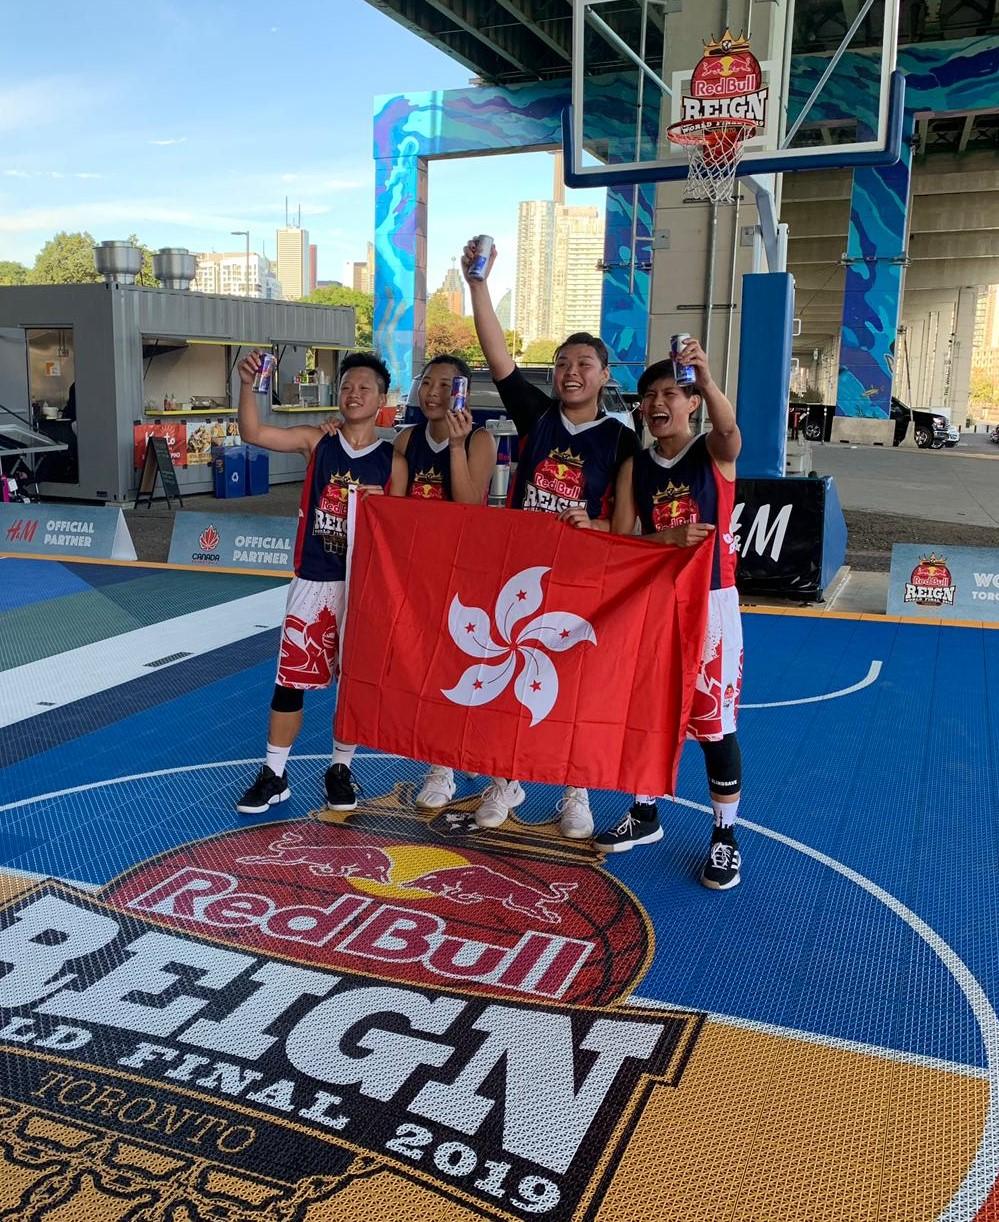 本地籃球名將(左起)李祉均、王家怡、陳偉萍和卓婷於Red Bull Reign三人籃球全球總決賽奪亞。相片由公關提供